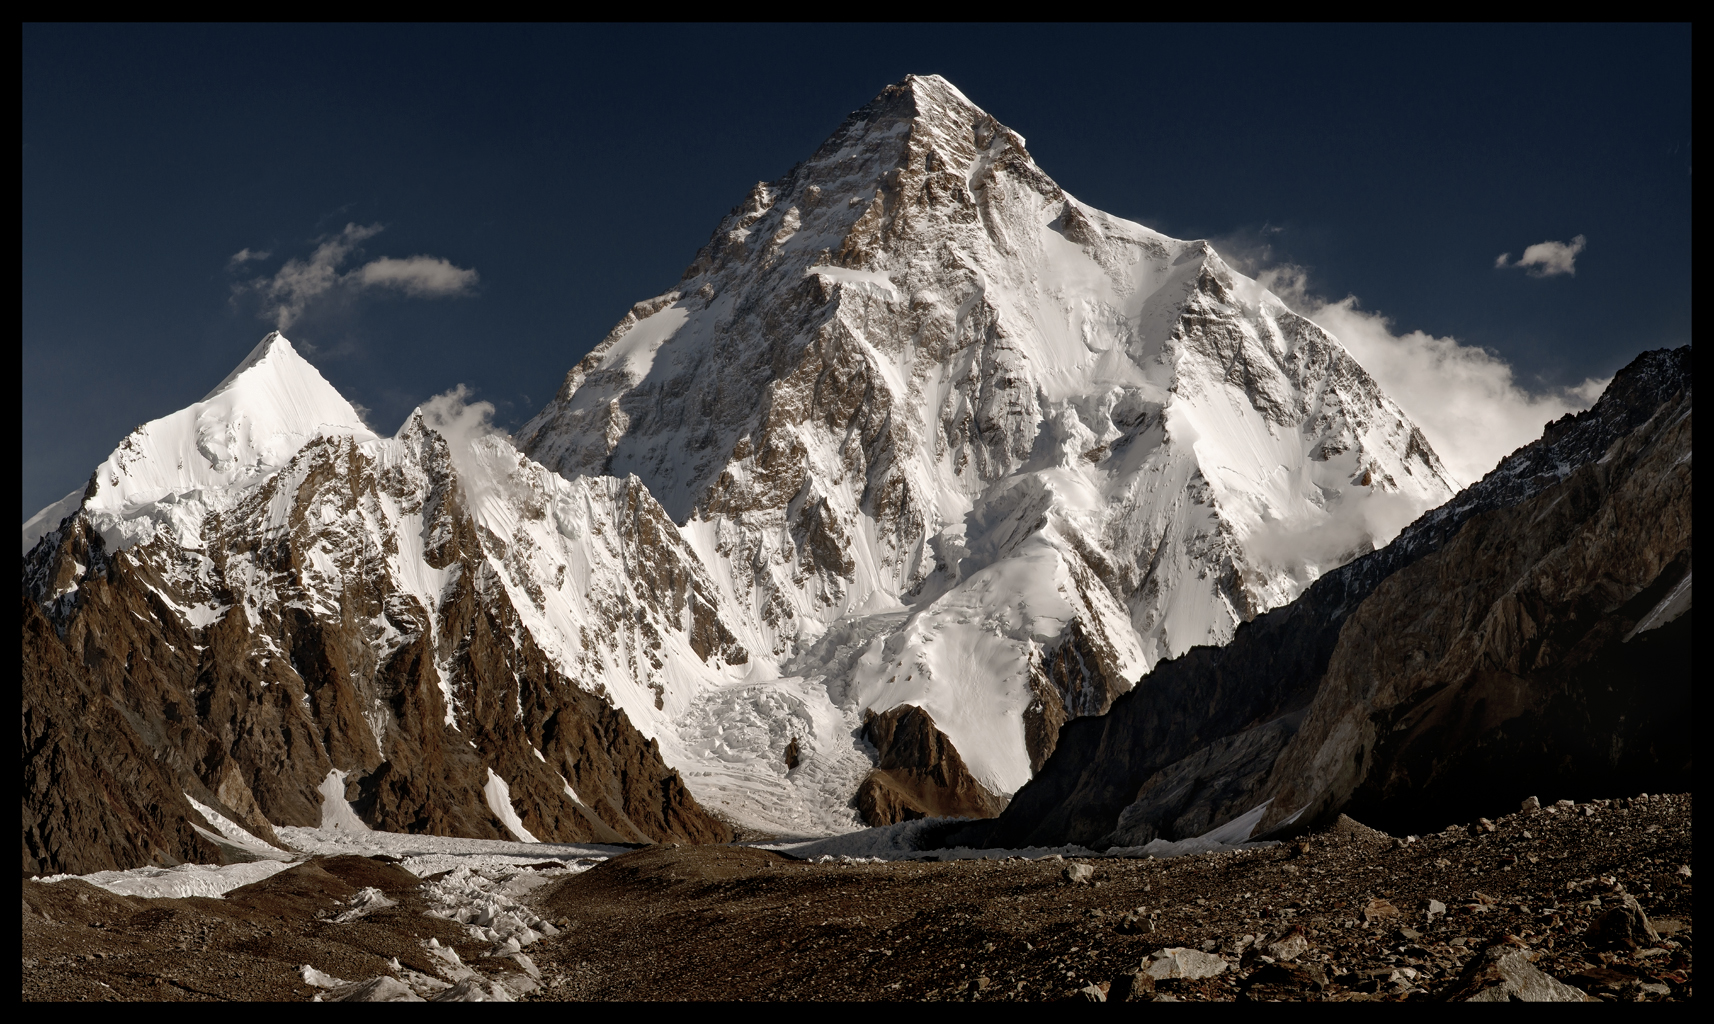 K2 peak